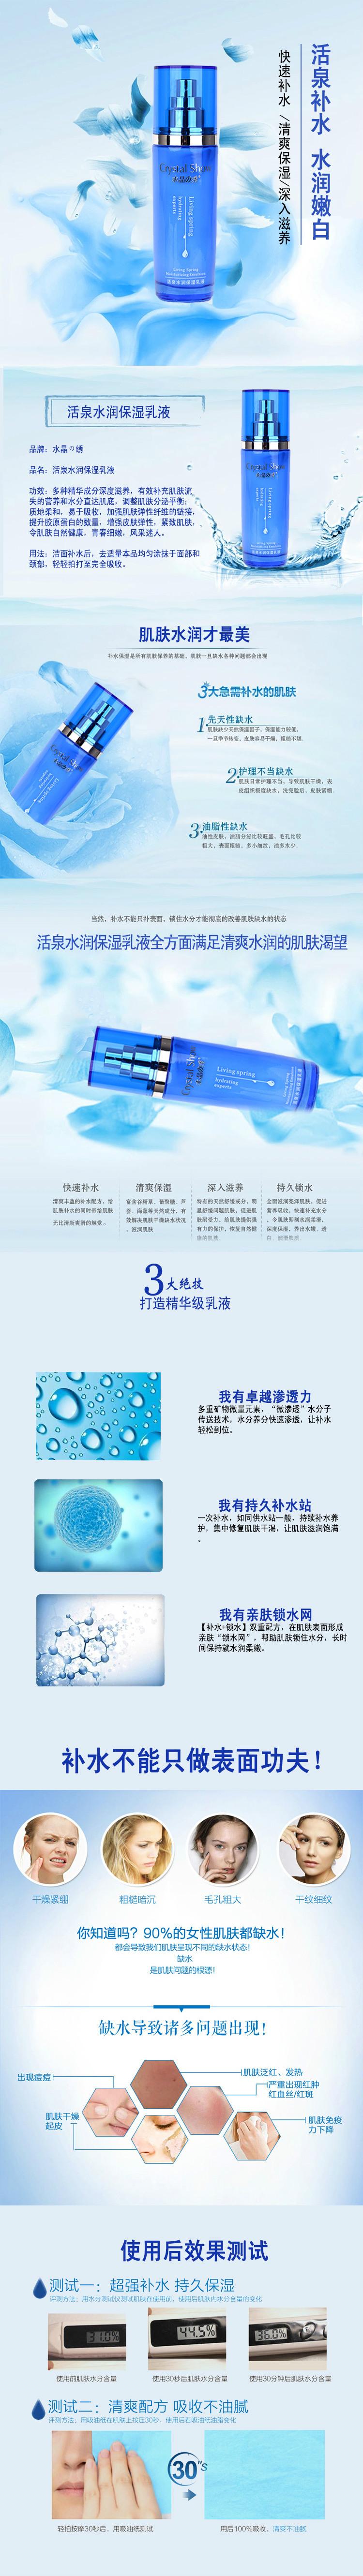 水晶之绣活泉水润保湿乳液化妆品OEM专柜正品补水保湿护肤品批发